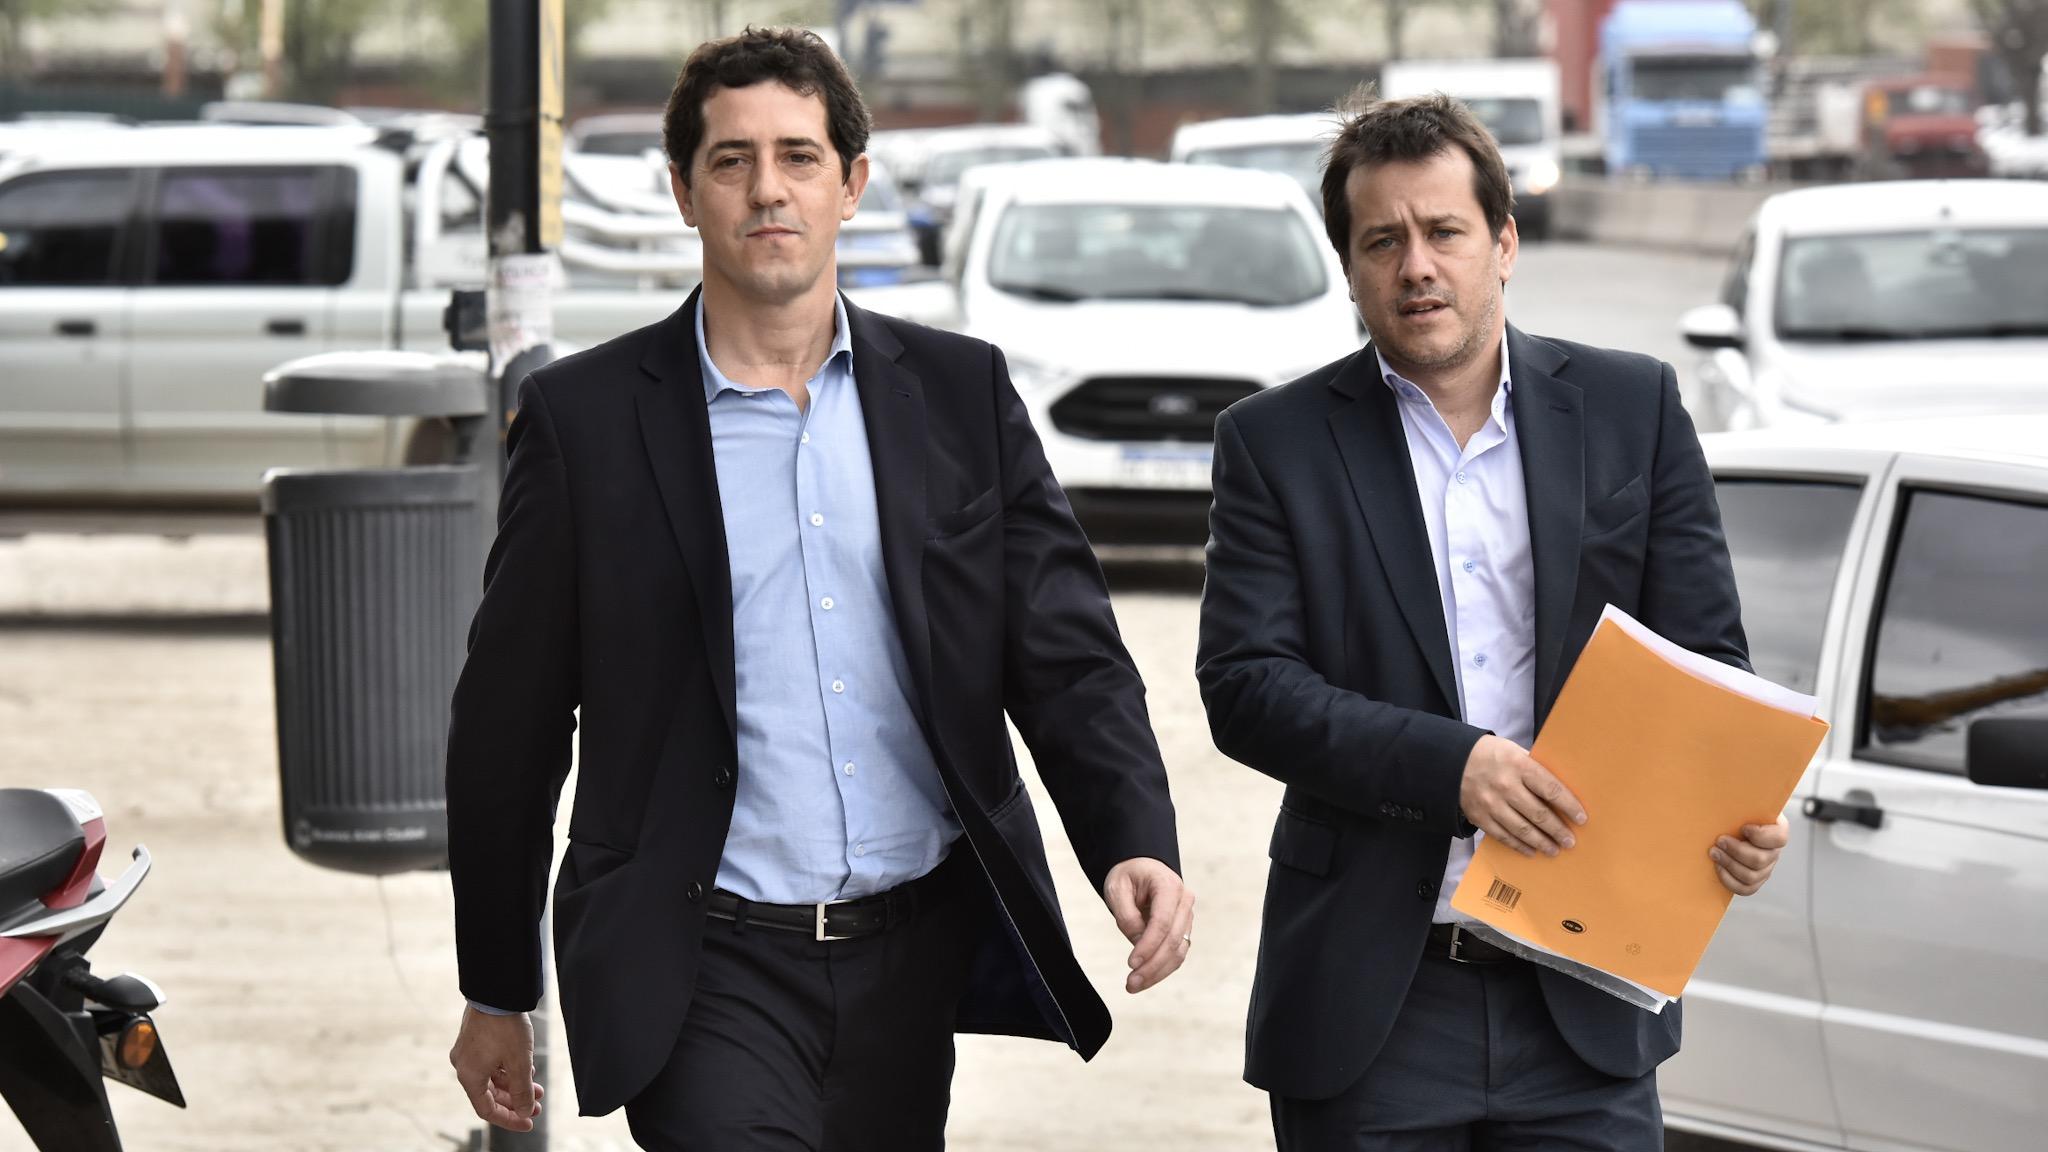 Eduardo Wado de Pedro se presentó en indagatoria ante el juez Bonadio. Fue asesorado por el abogado Mariano Recalde aunque en la causa está representado por otra letrada.